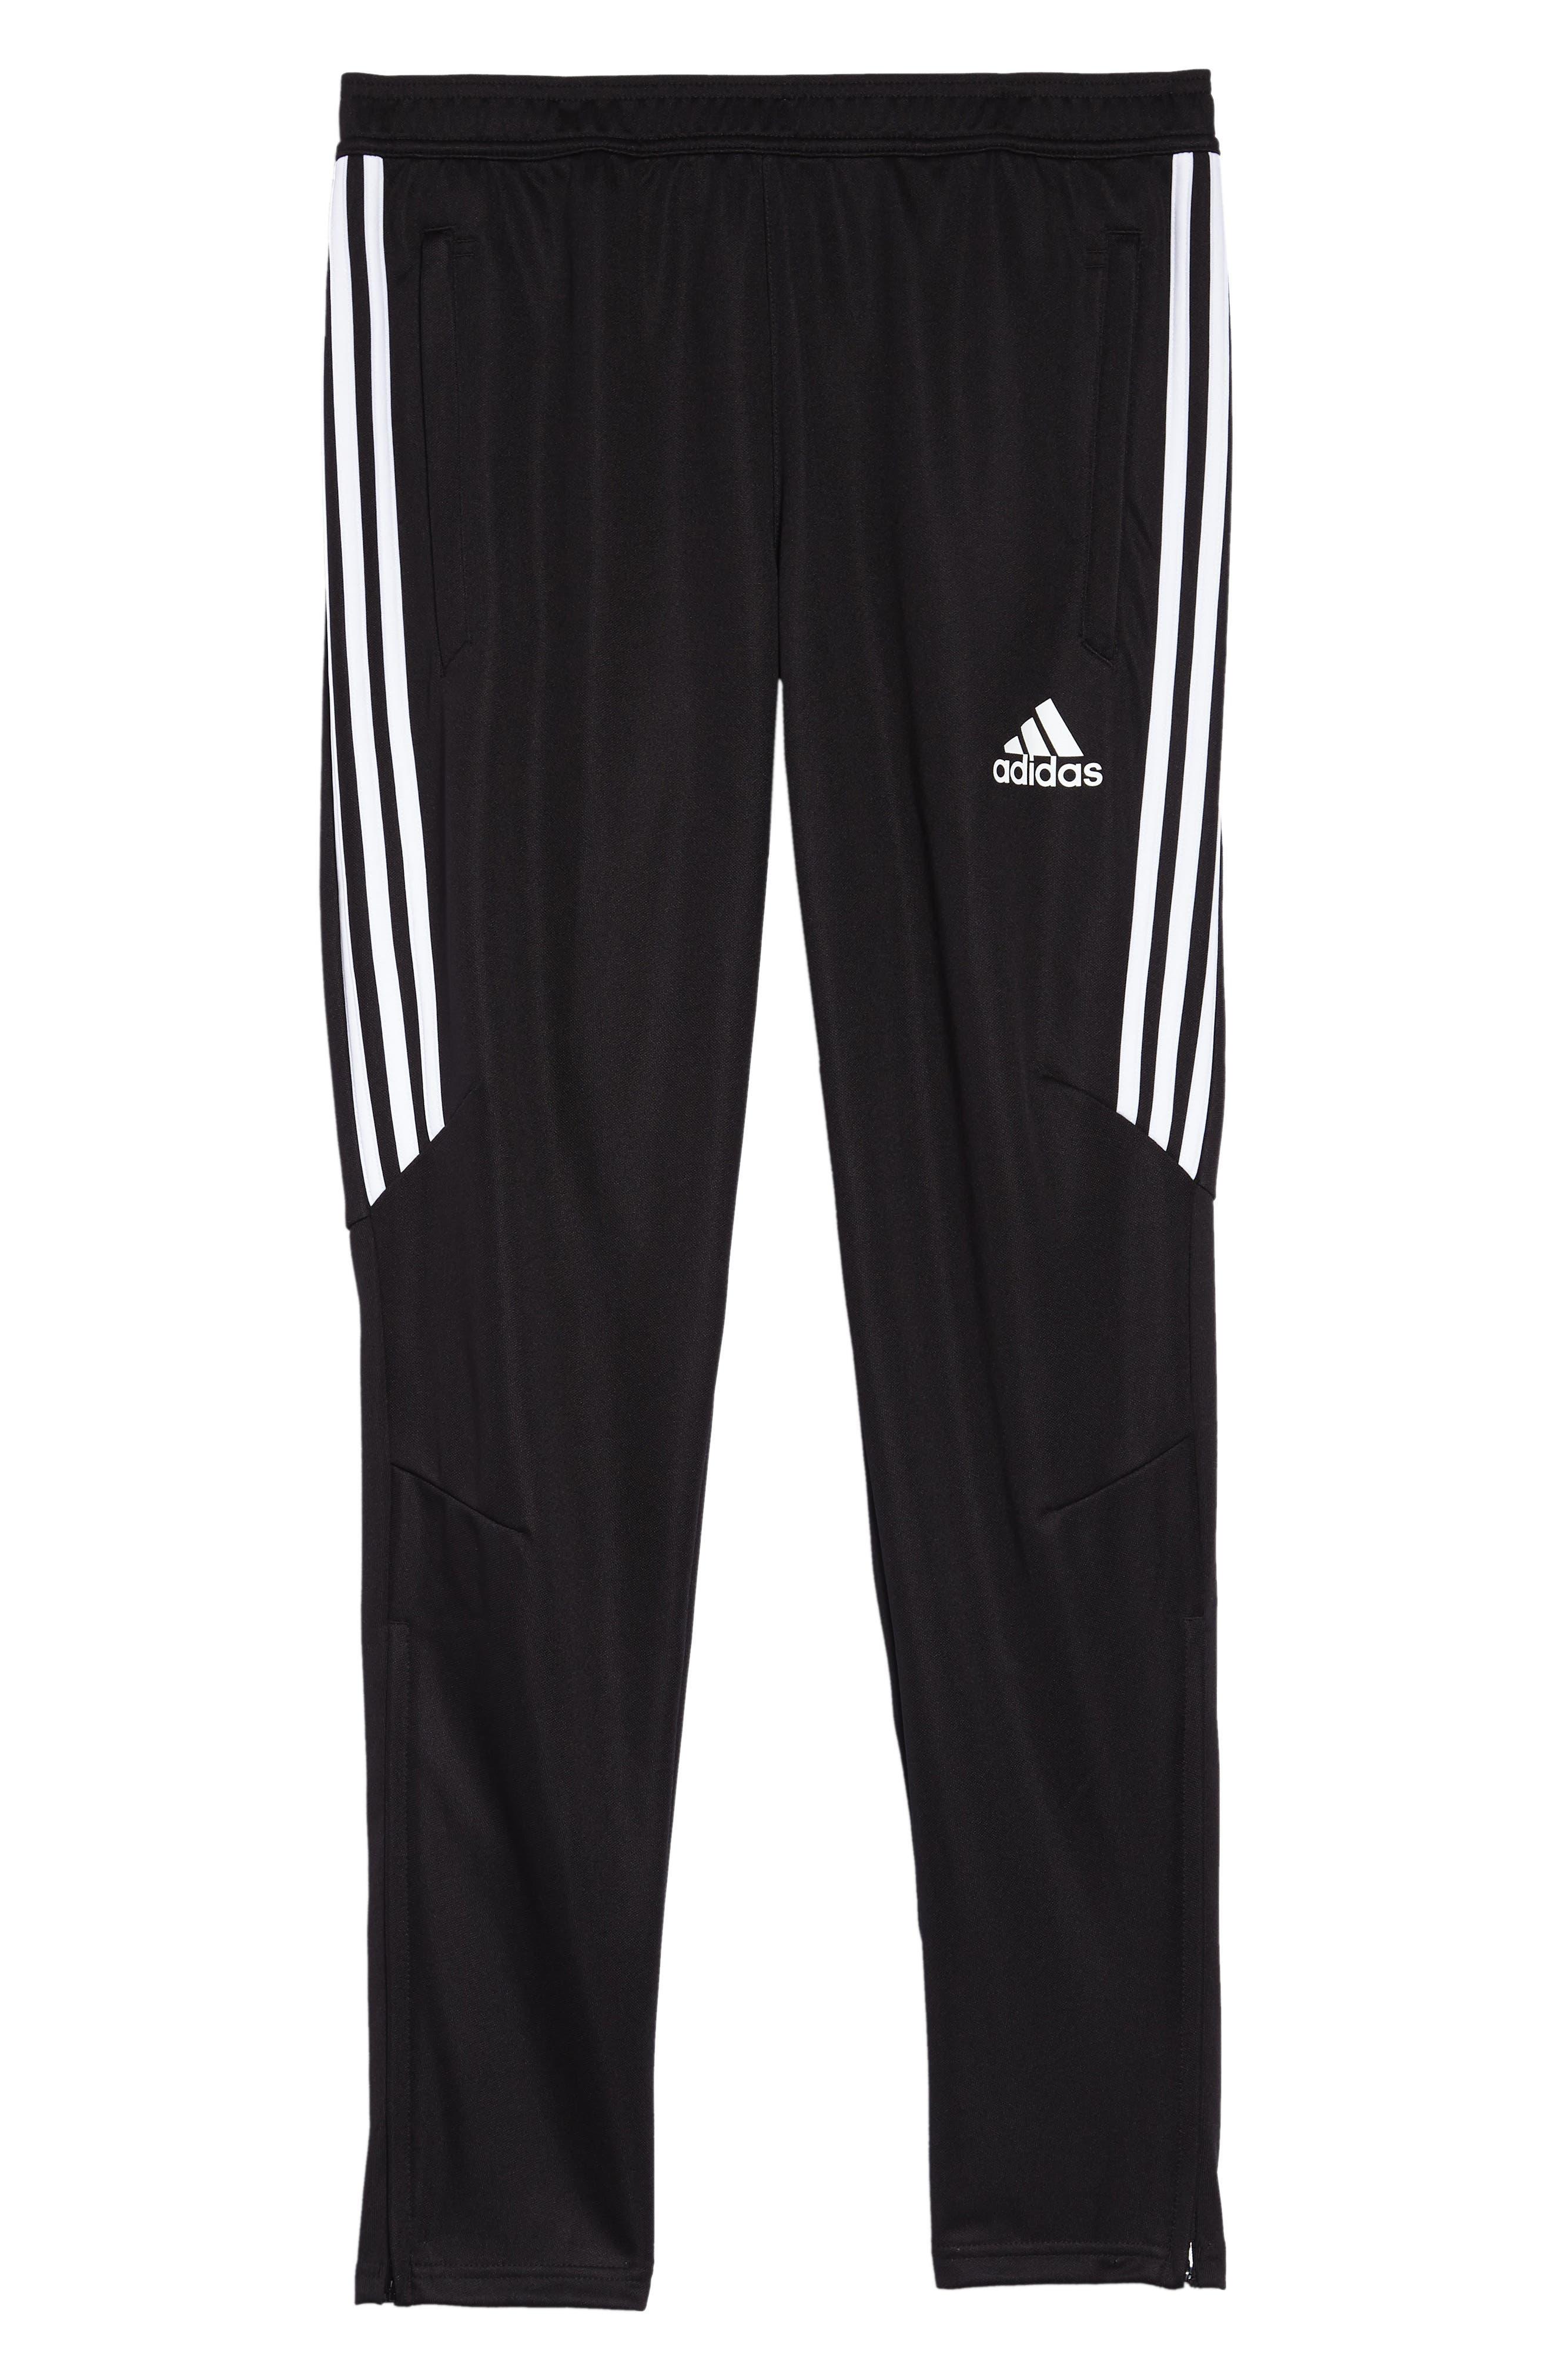 Tiro 17 Training Pants,                             Alternate thumbnail 2, color,                             BLACK/ WHITE/ WHITE